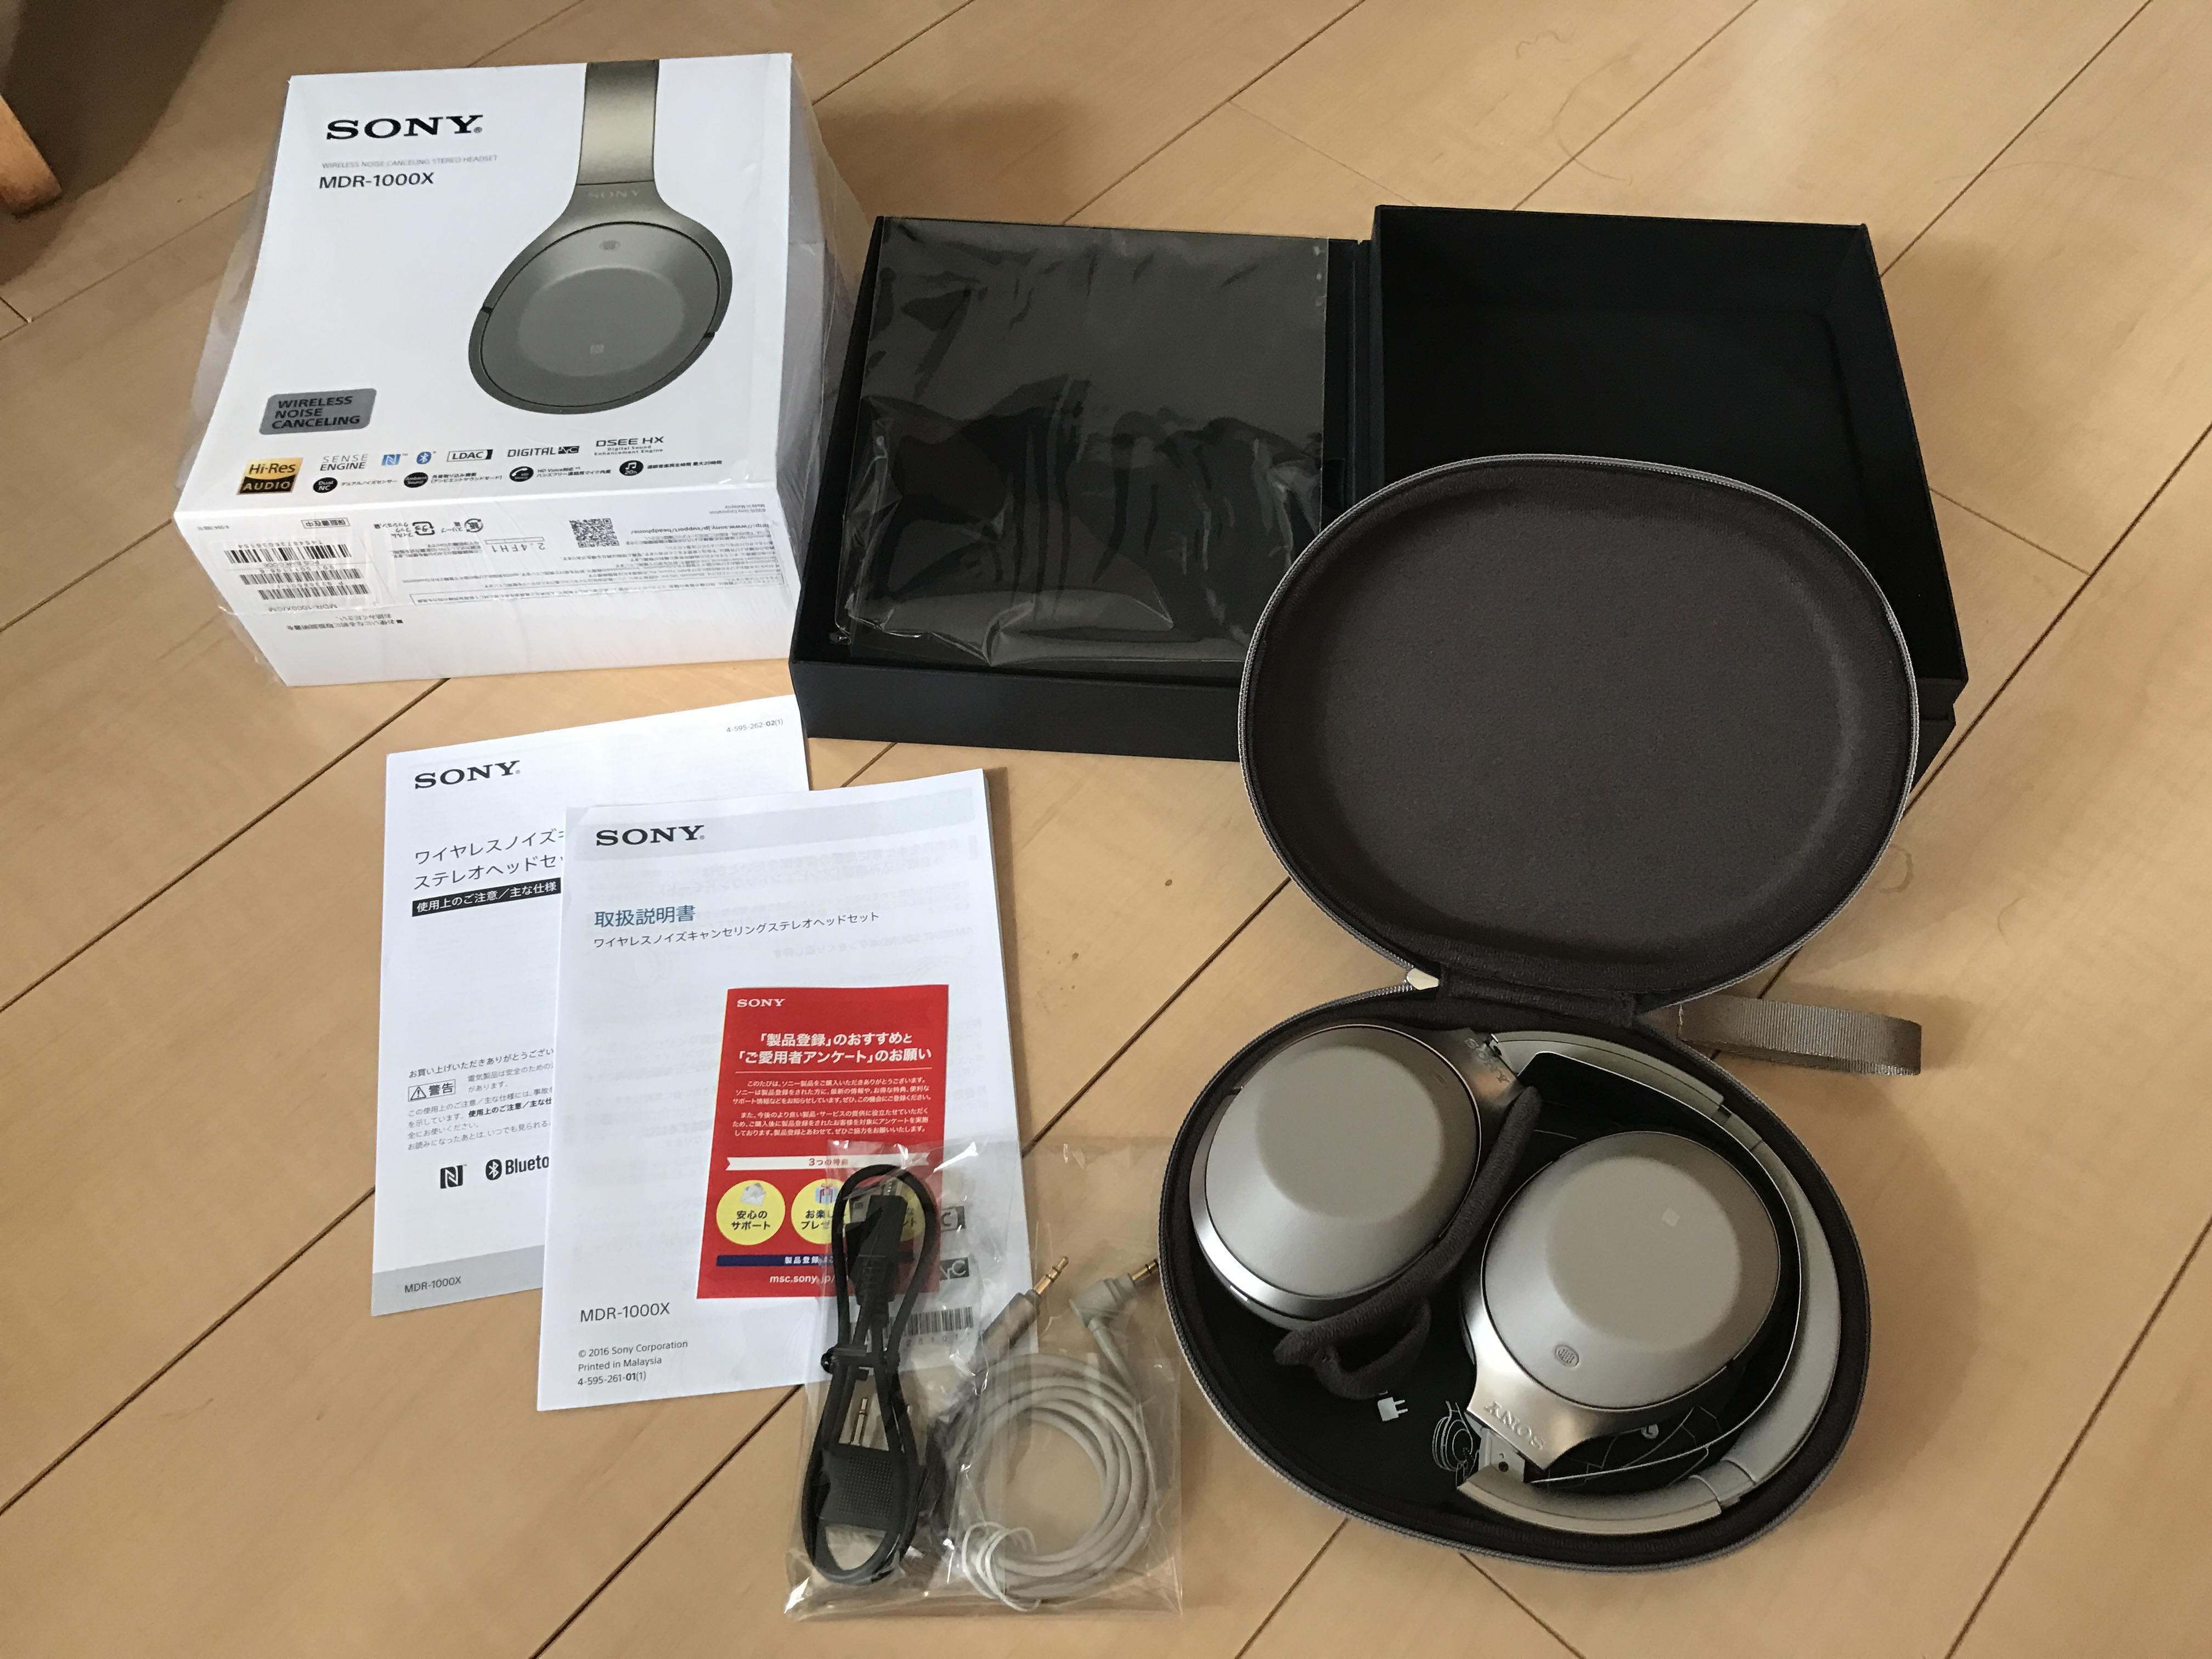 新製品SONYのBluetoothヘッドフォン「MDR-1000X」が届いたので、ファーストインプレッション!